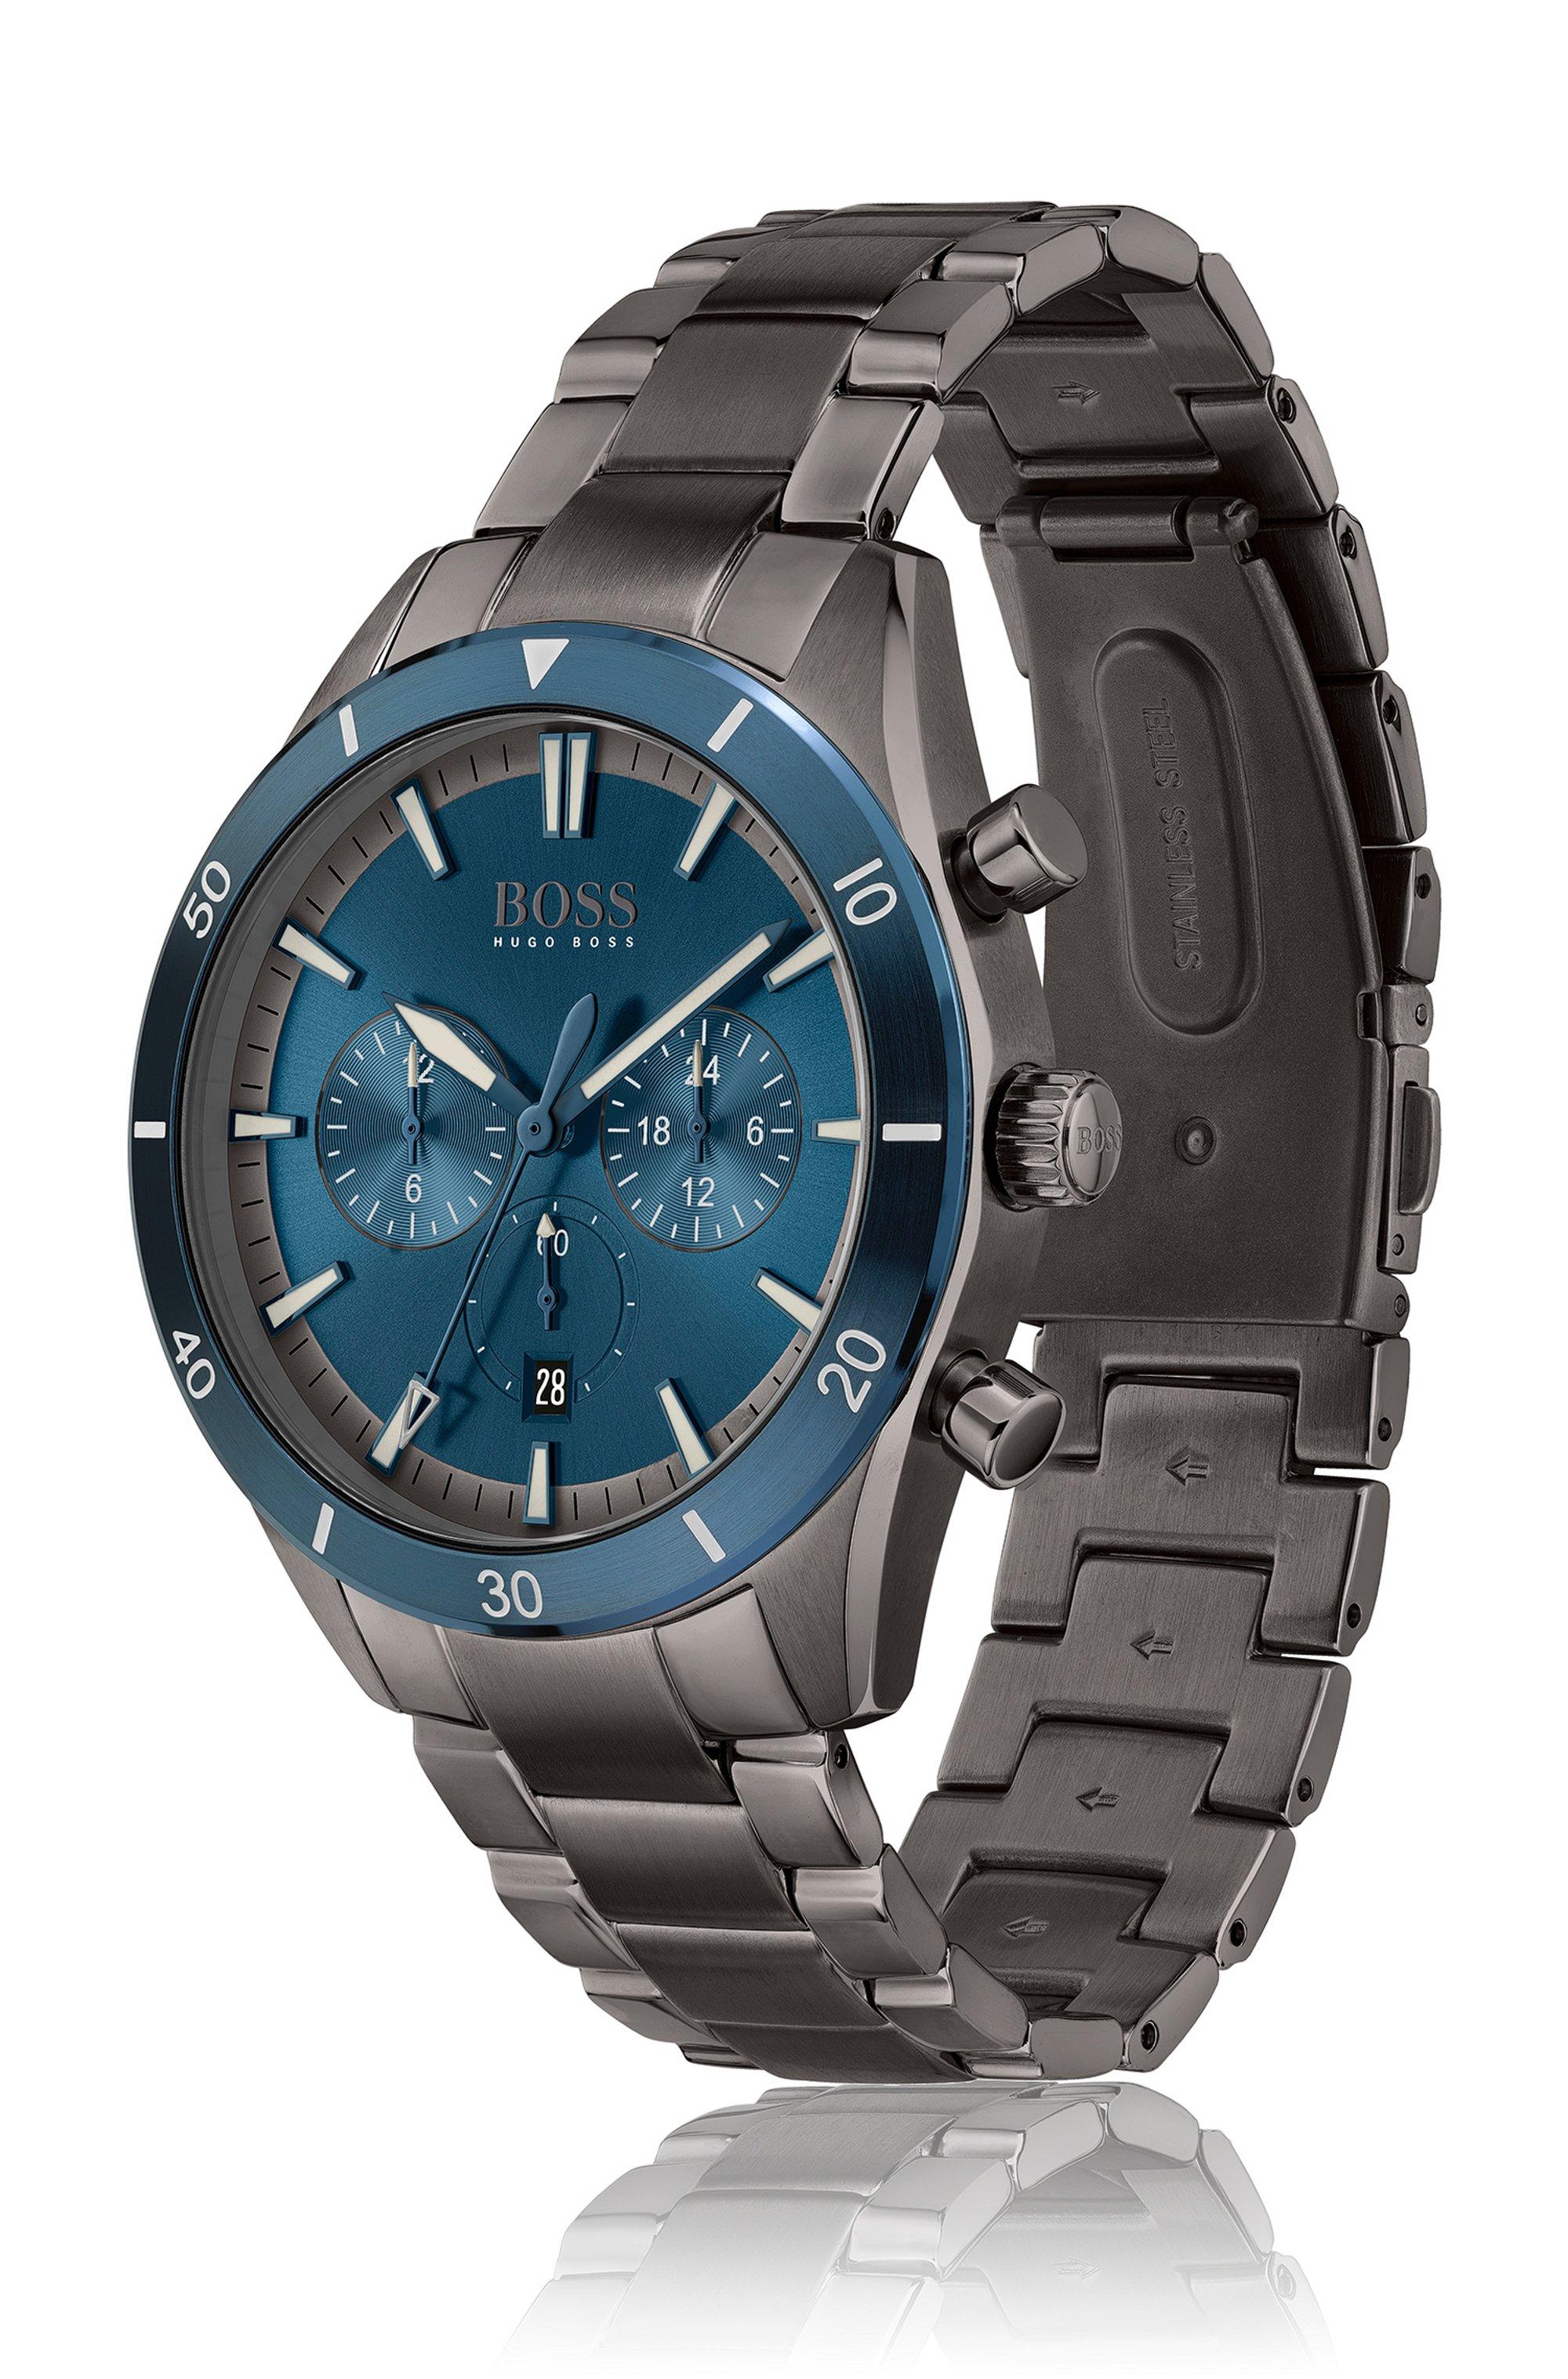 Blue-bezel multi-eye watch with link bracelet